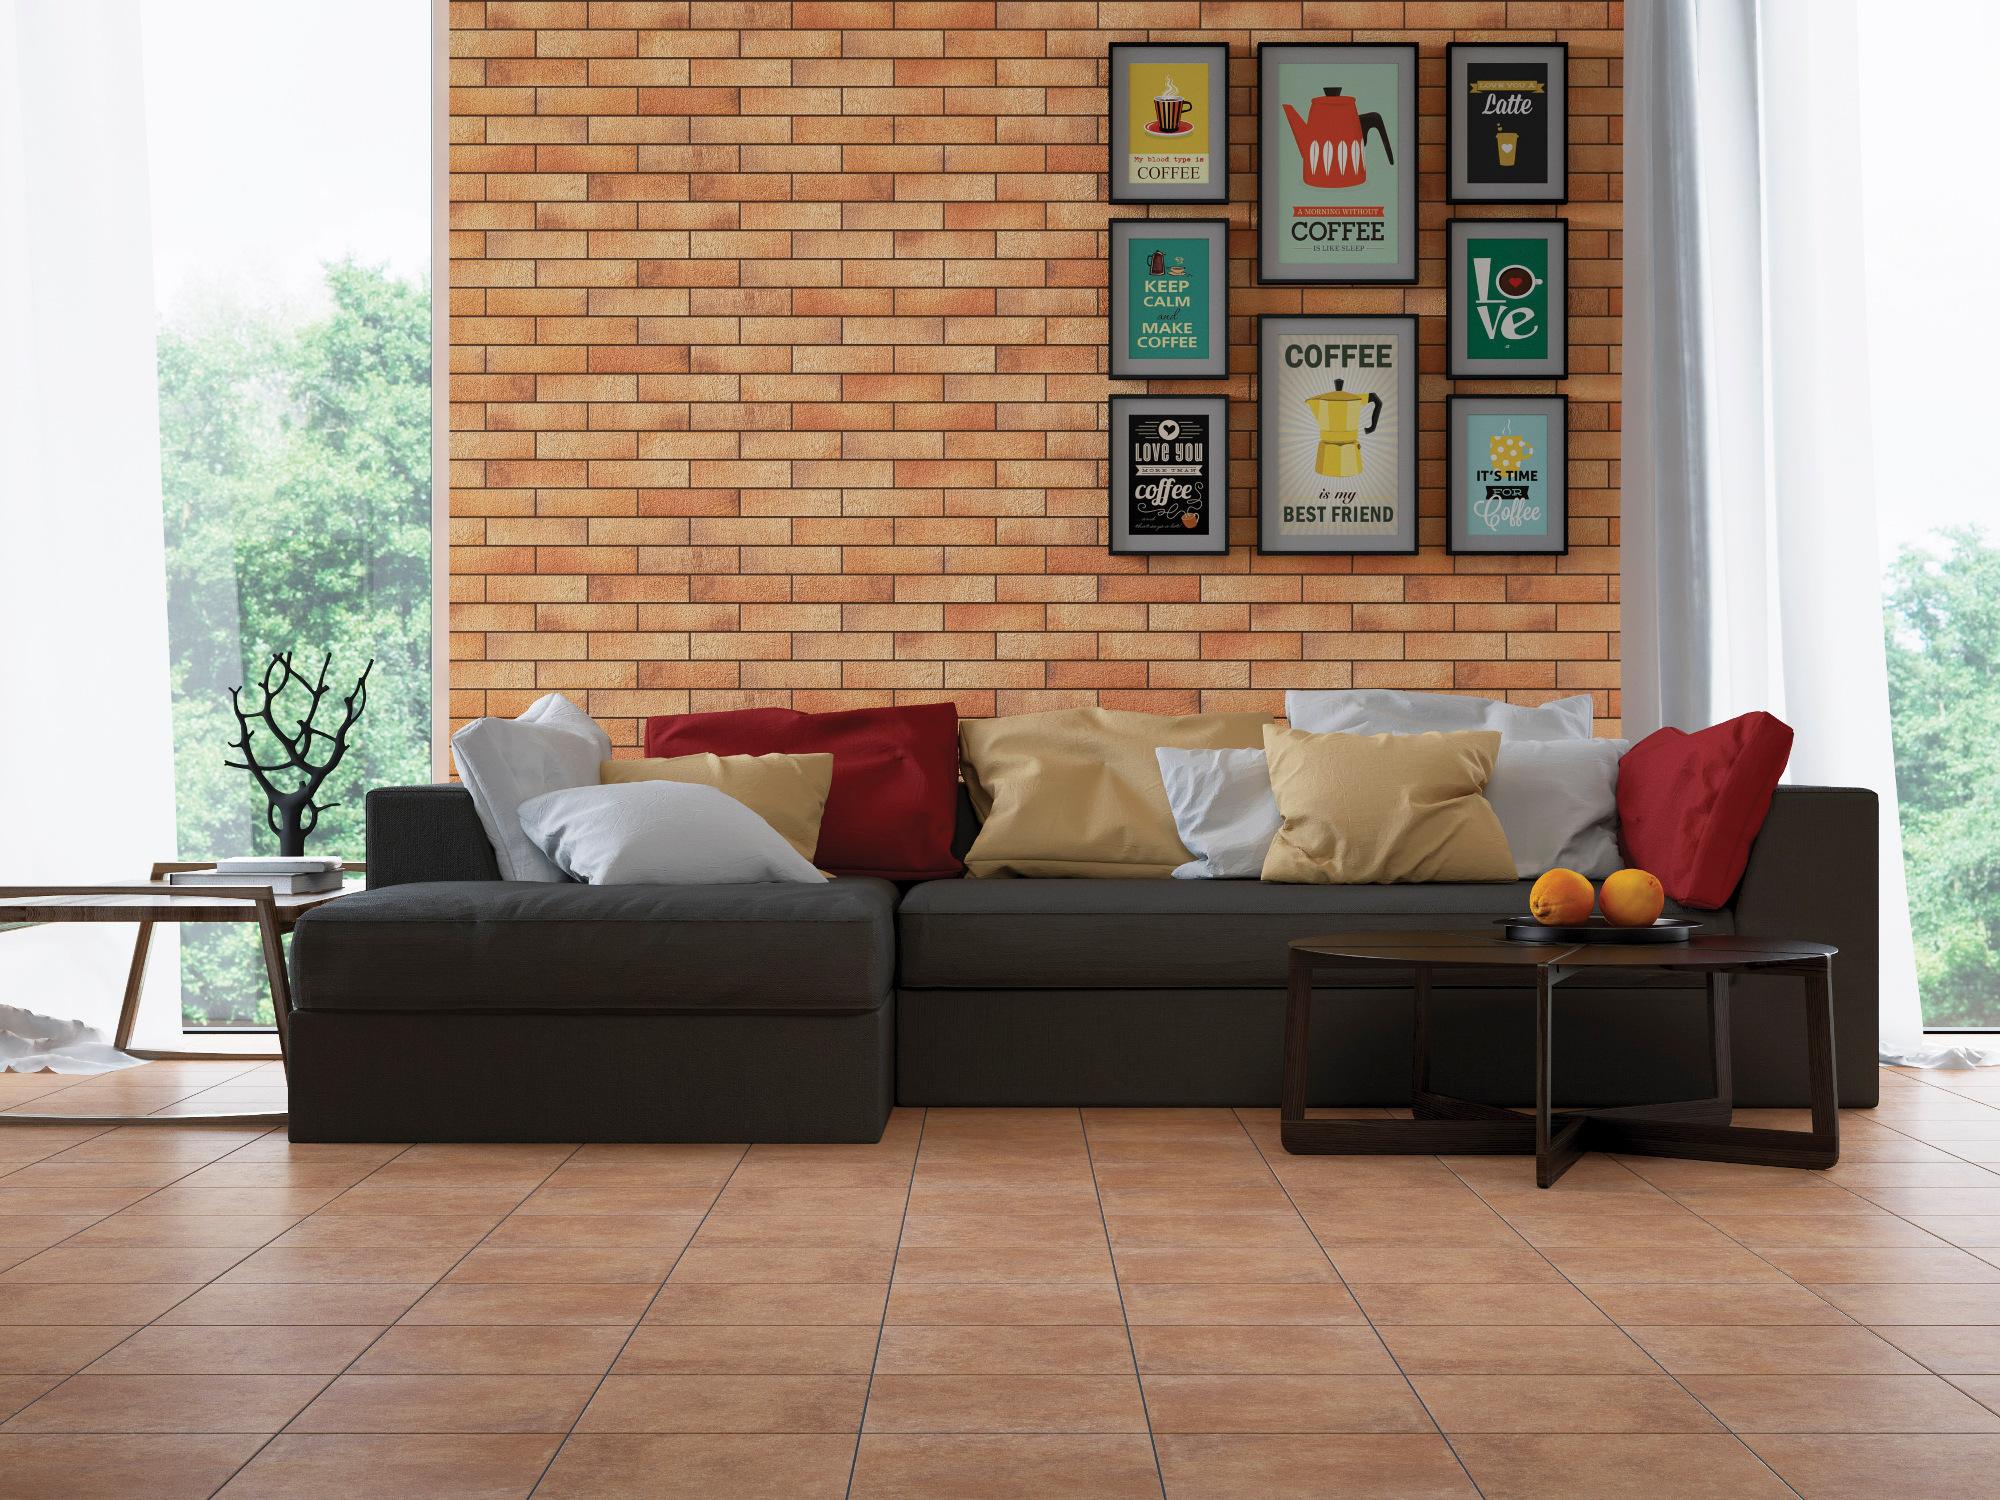 плитка фасадная польская фабрика Cerrad коллекция Loft Brick Curry